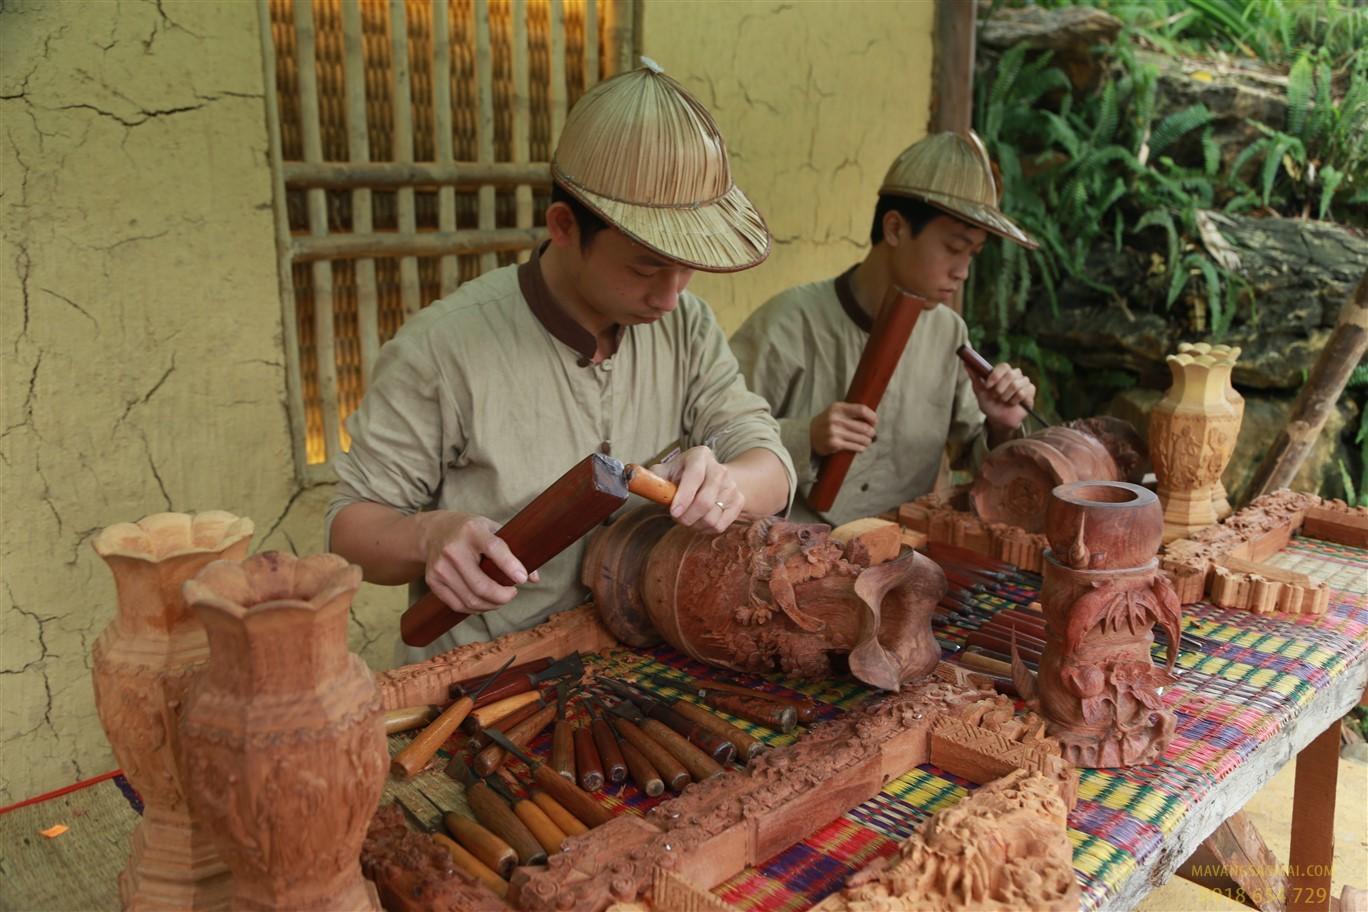 Làng mộc cổ truyền Vạn Điểm, Hà Nội: Vươn mình phát triển